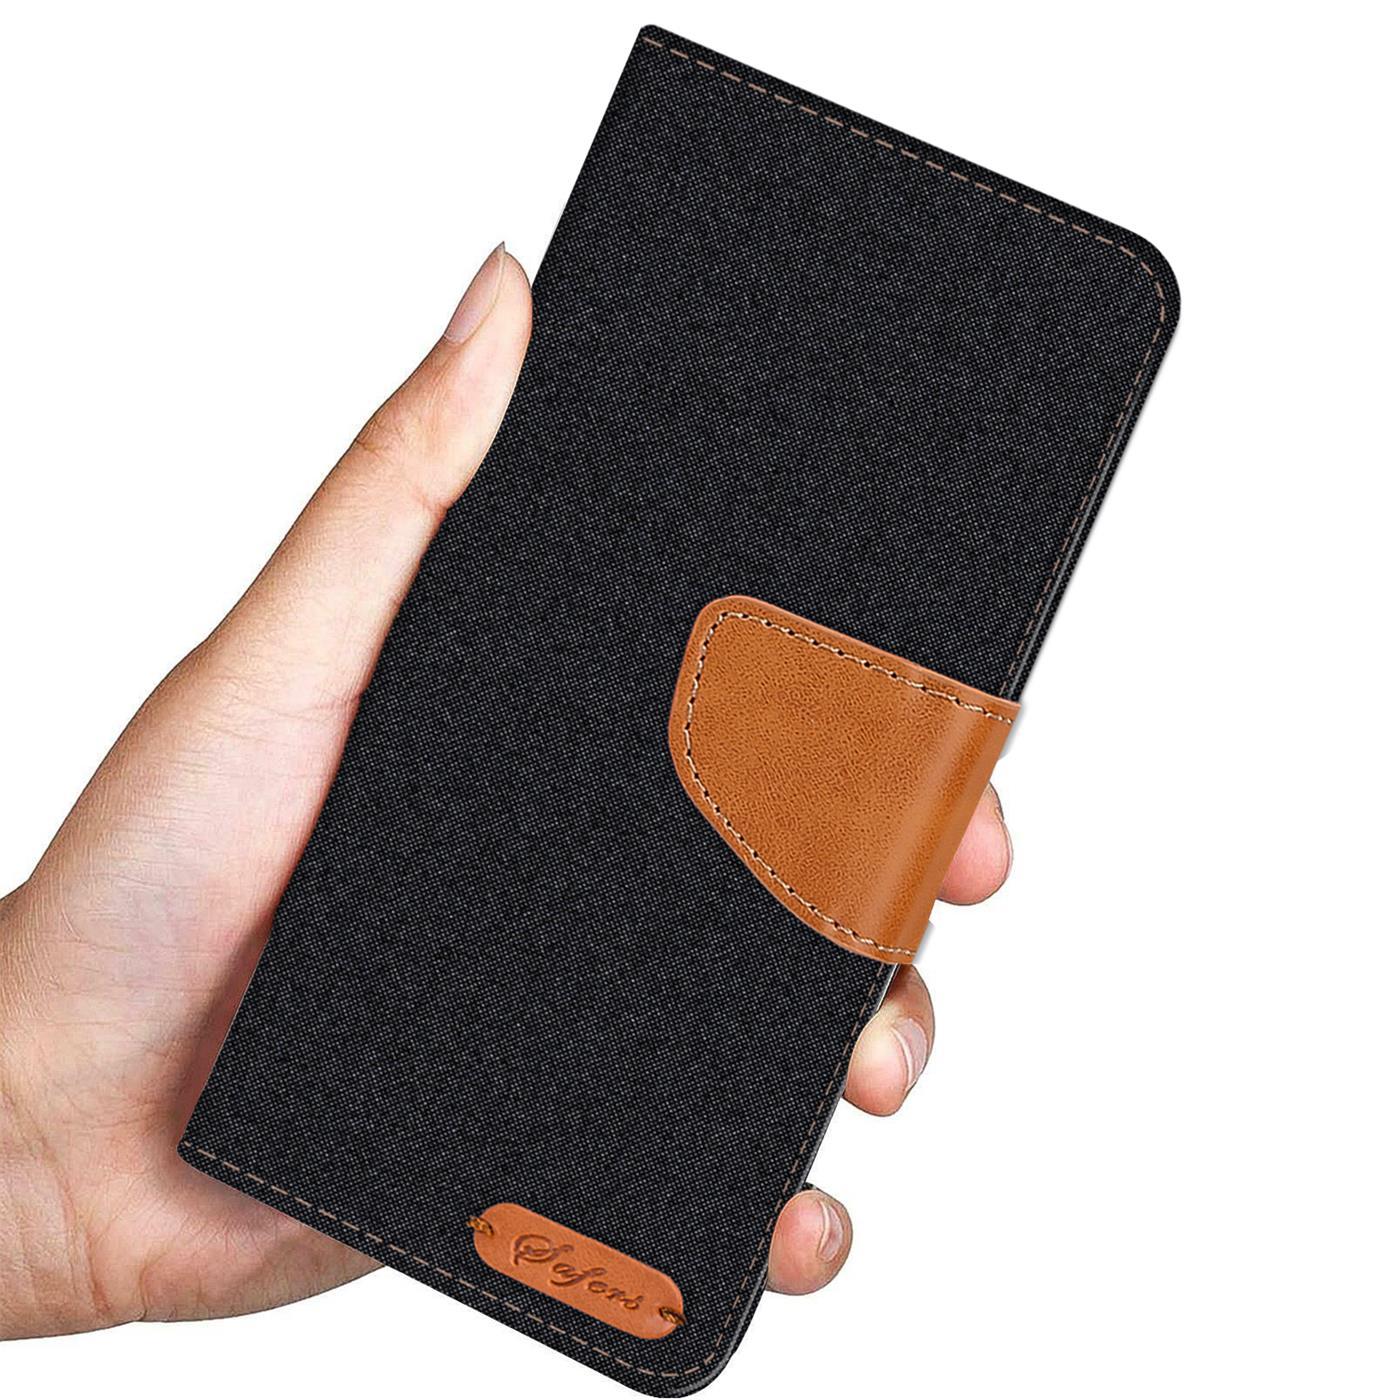 Schutzhuelle-Handy-Huelle-Flip-Case-Klapp-Tasche-Book-Case-Cover-Handyhuelle-Etui Indexbild 15